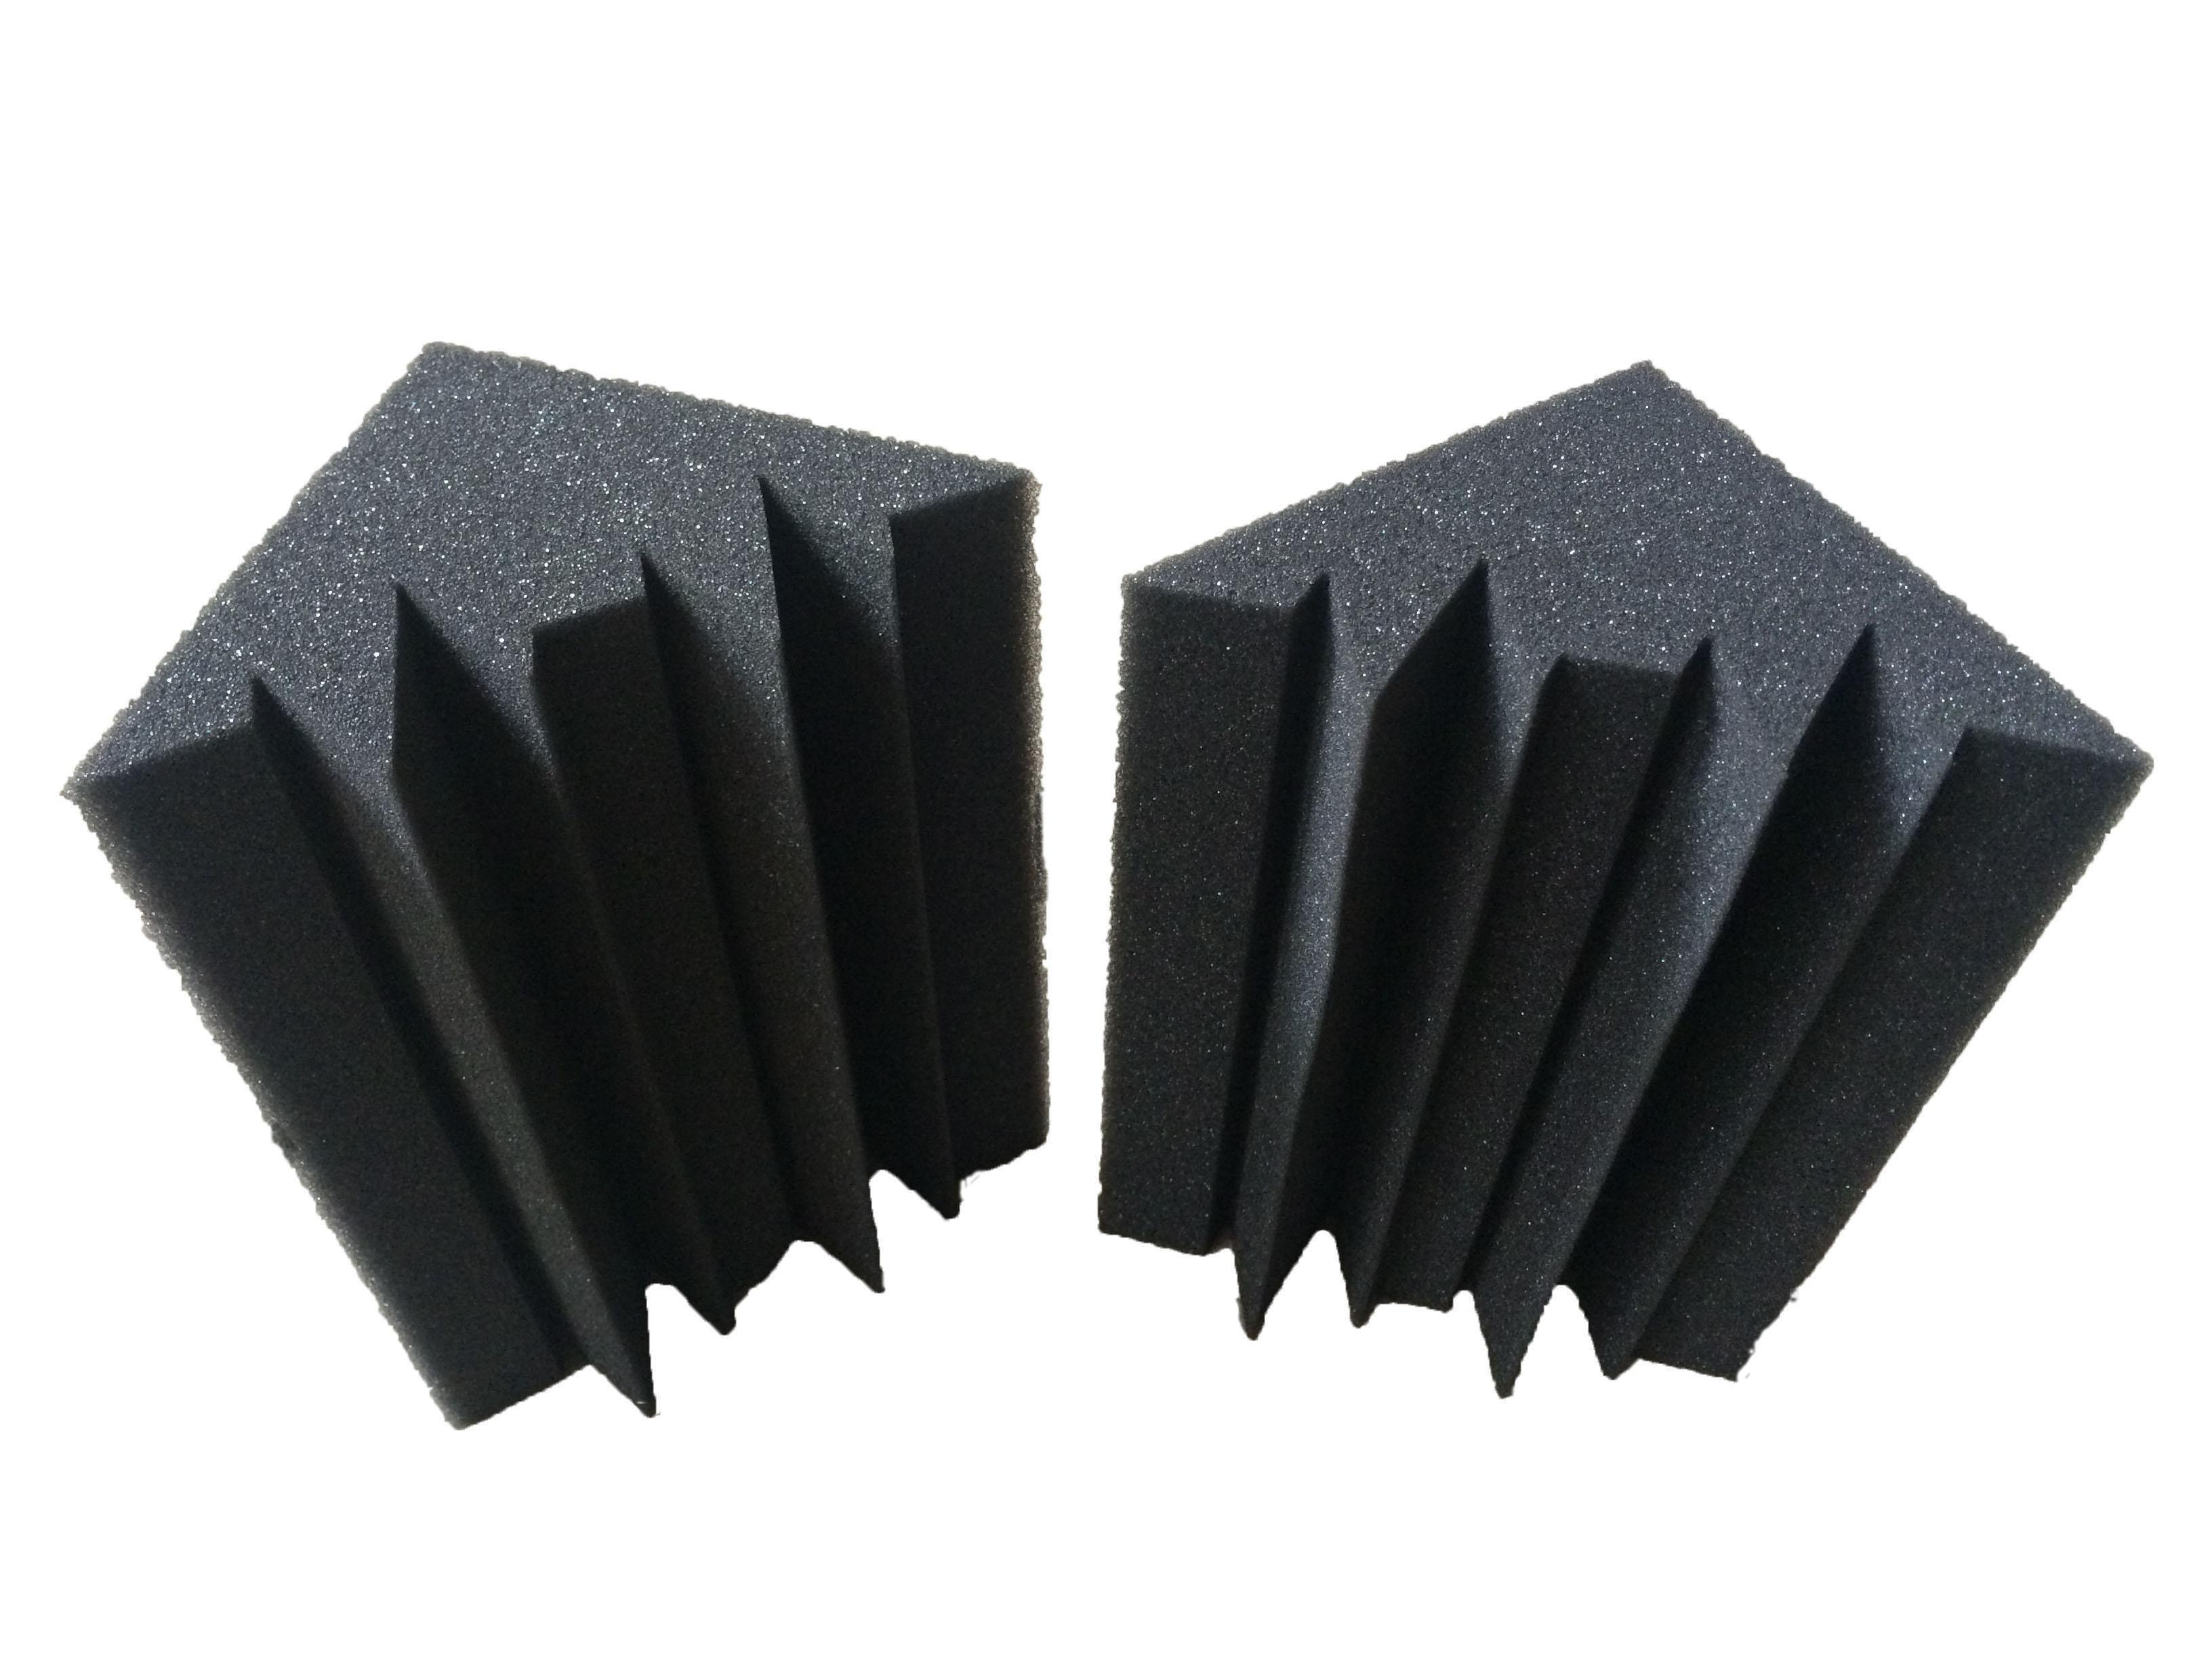 12 جهاز كمبيوتر شخصى أسود ستوديو عازلة للصوت رغوة الفحم باس فخ الإسفنج الصوتية